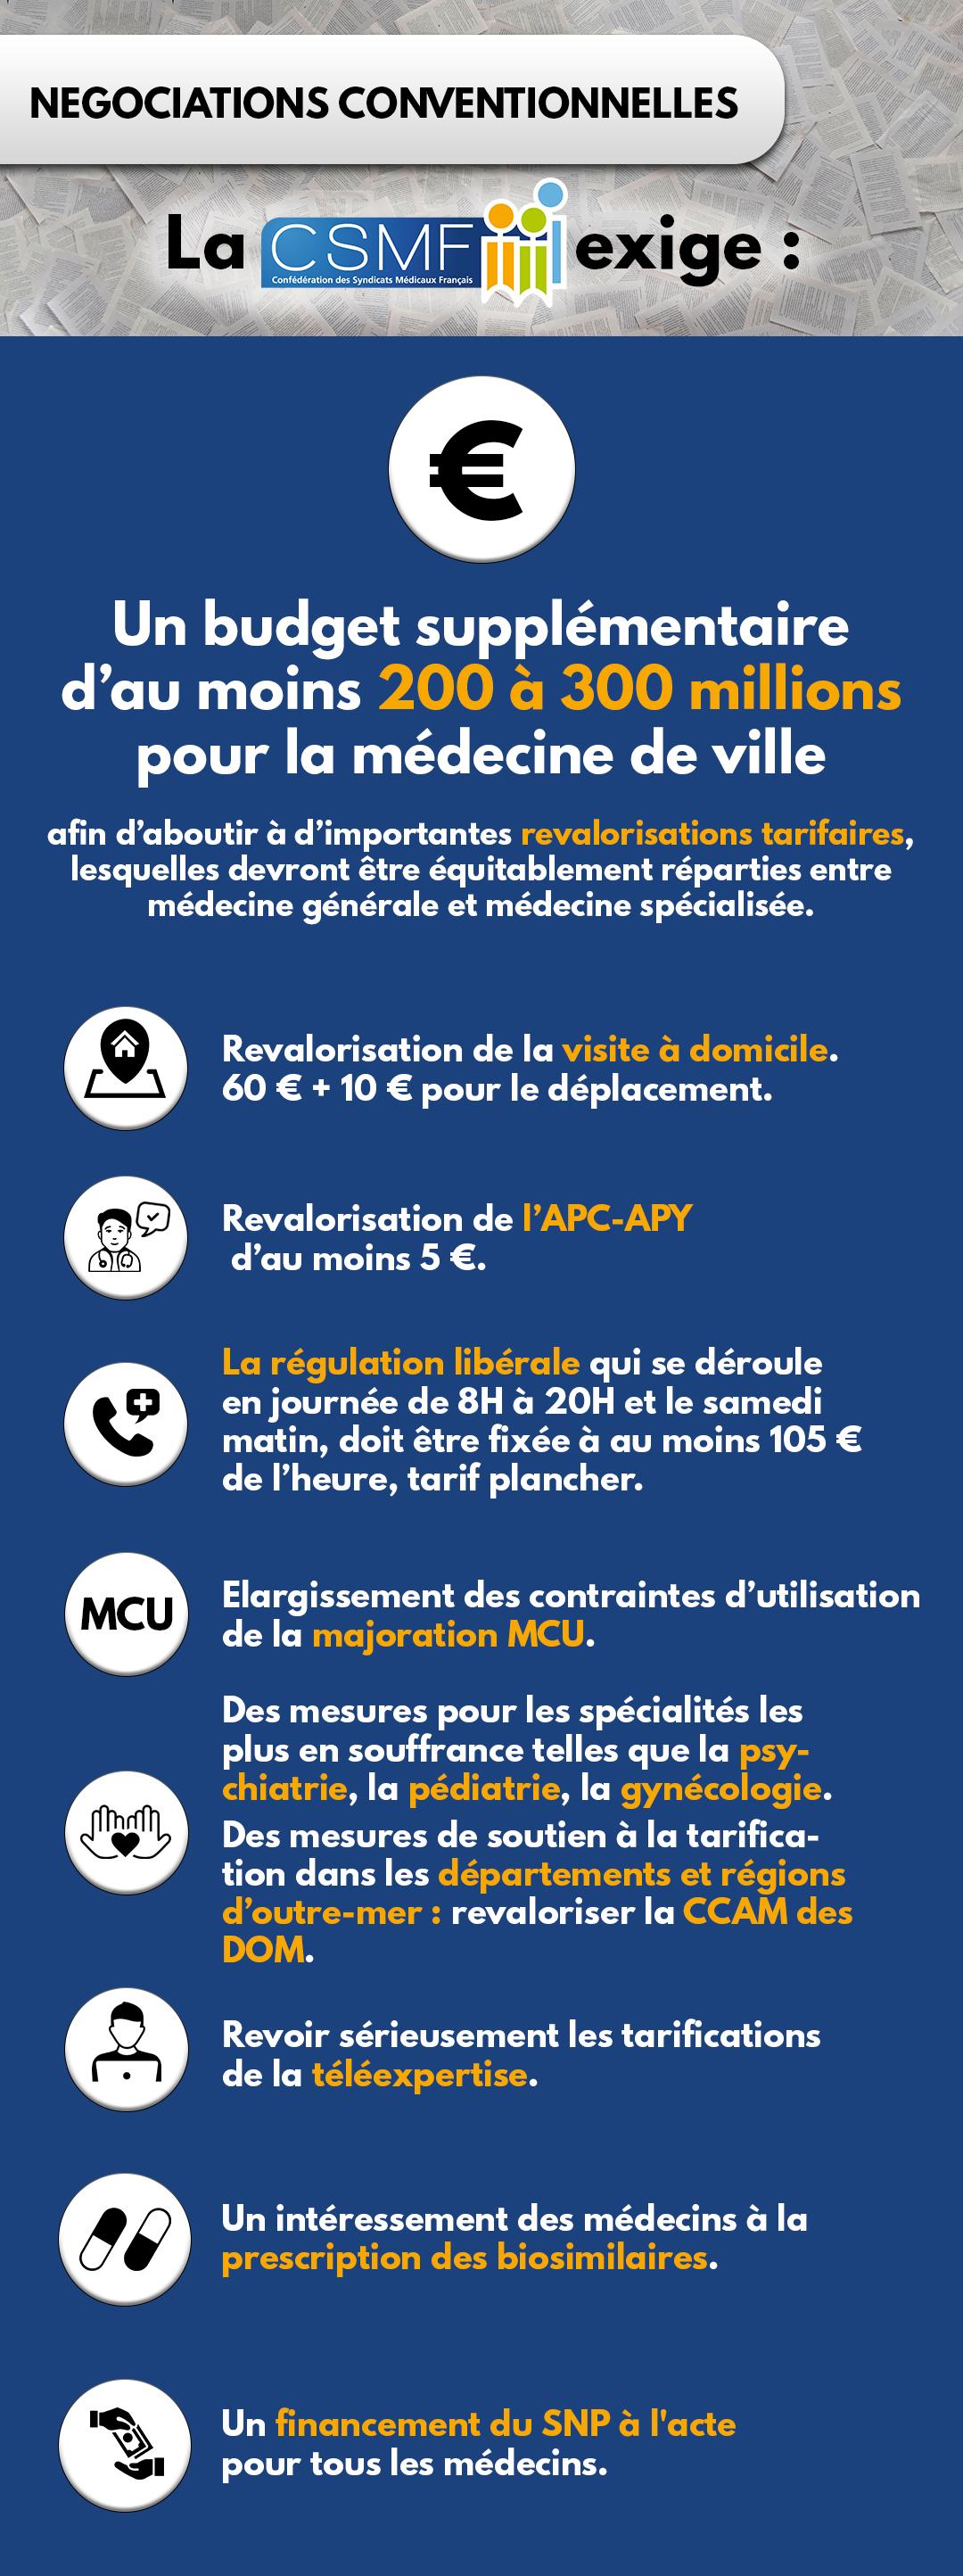 Négociations conventionnelles : La CSMF exige 200 à 300 millions pour la médecine de ville !